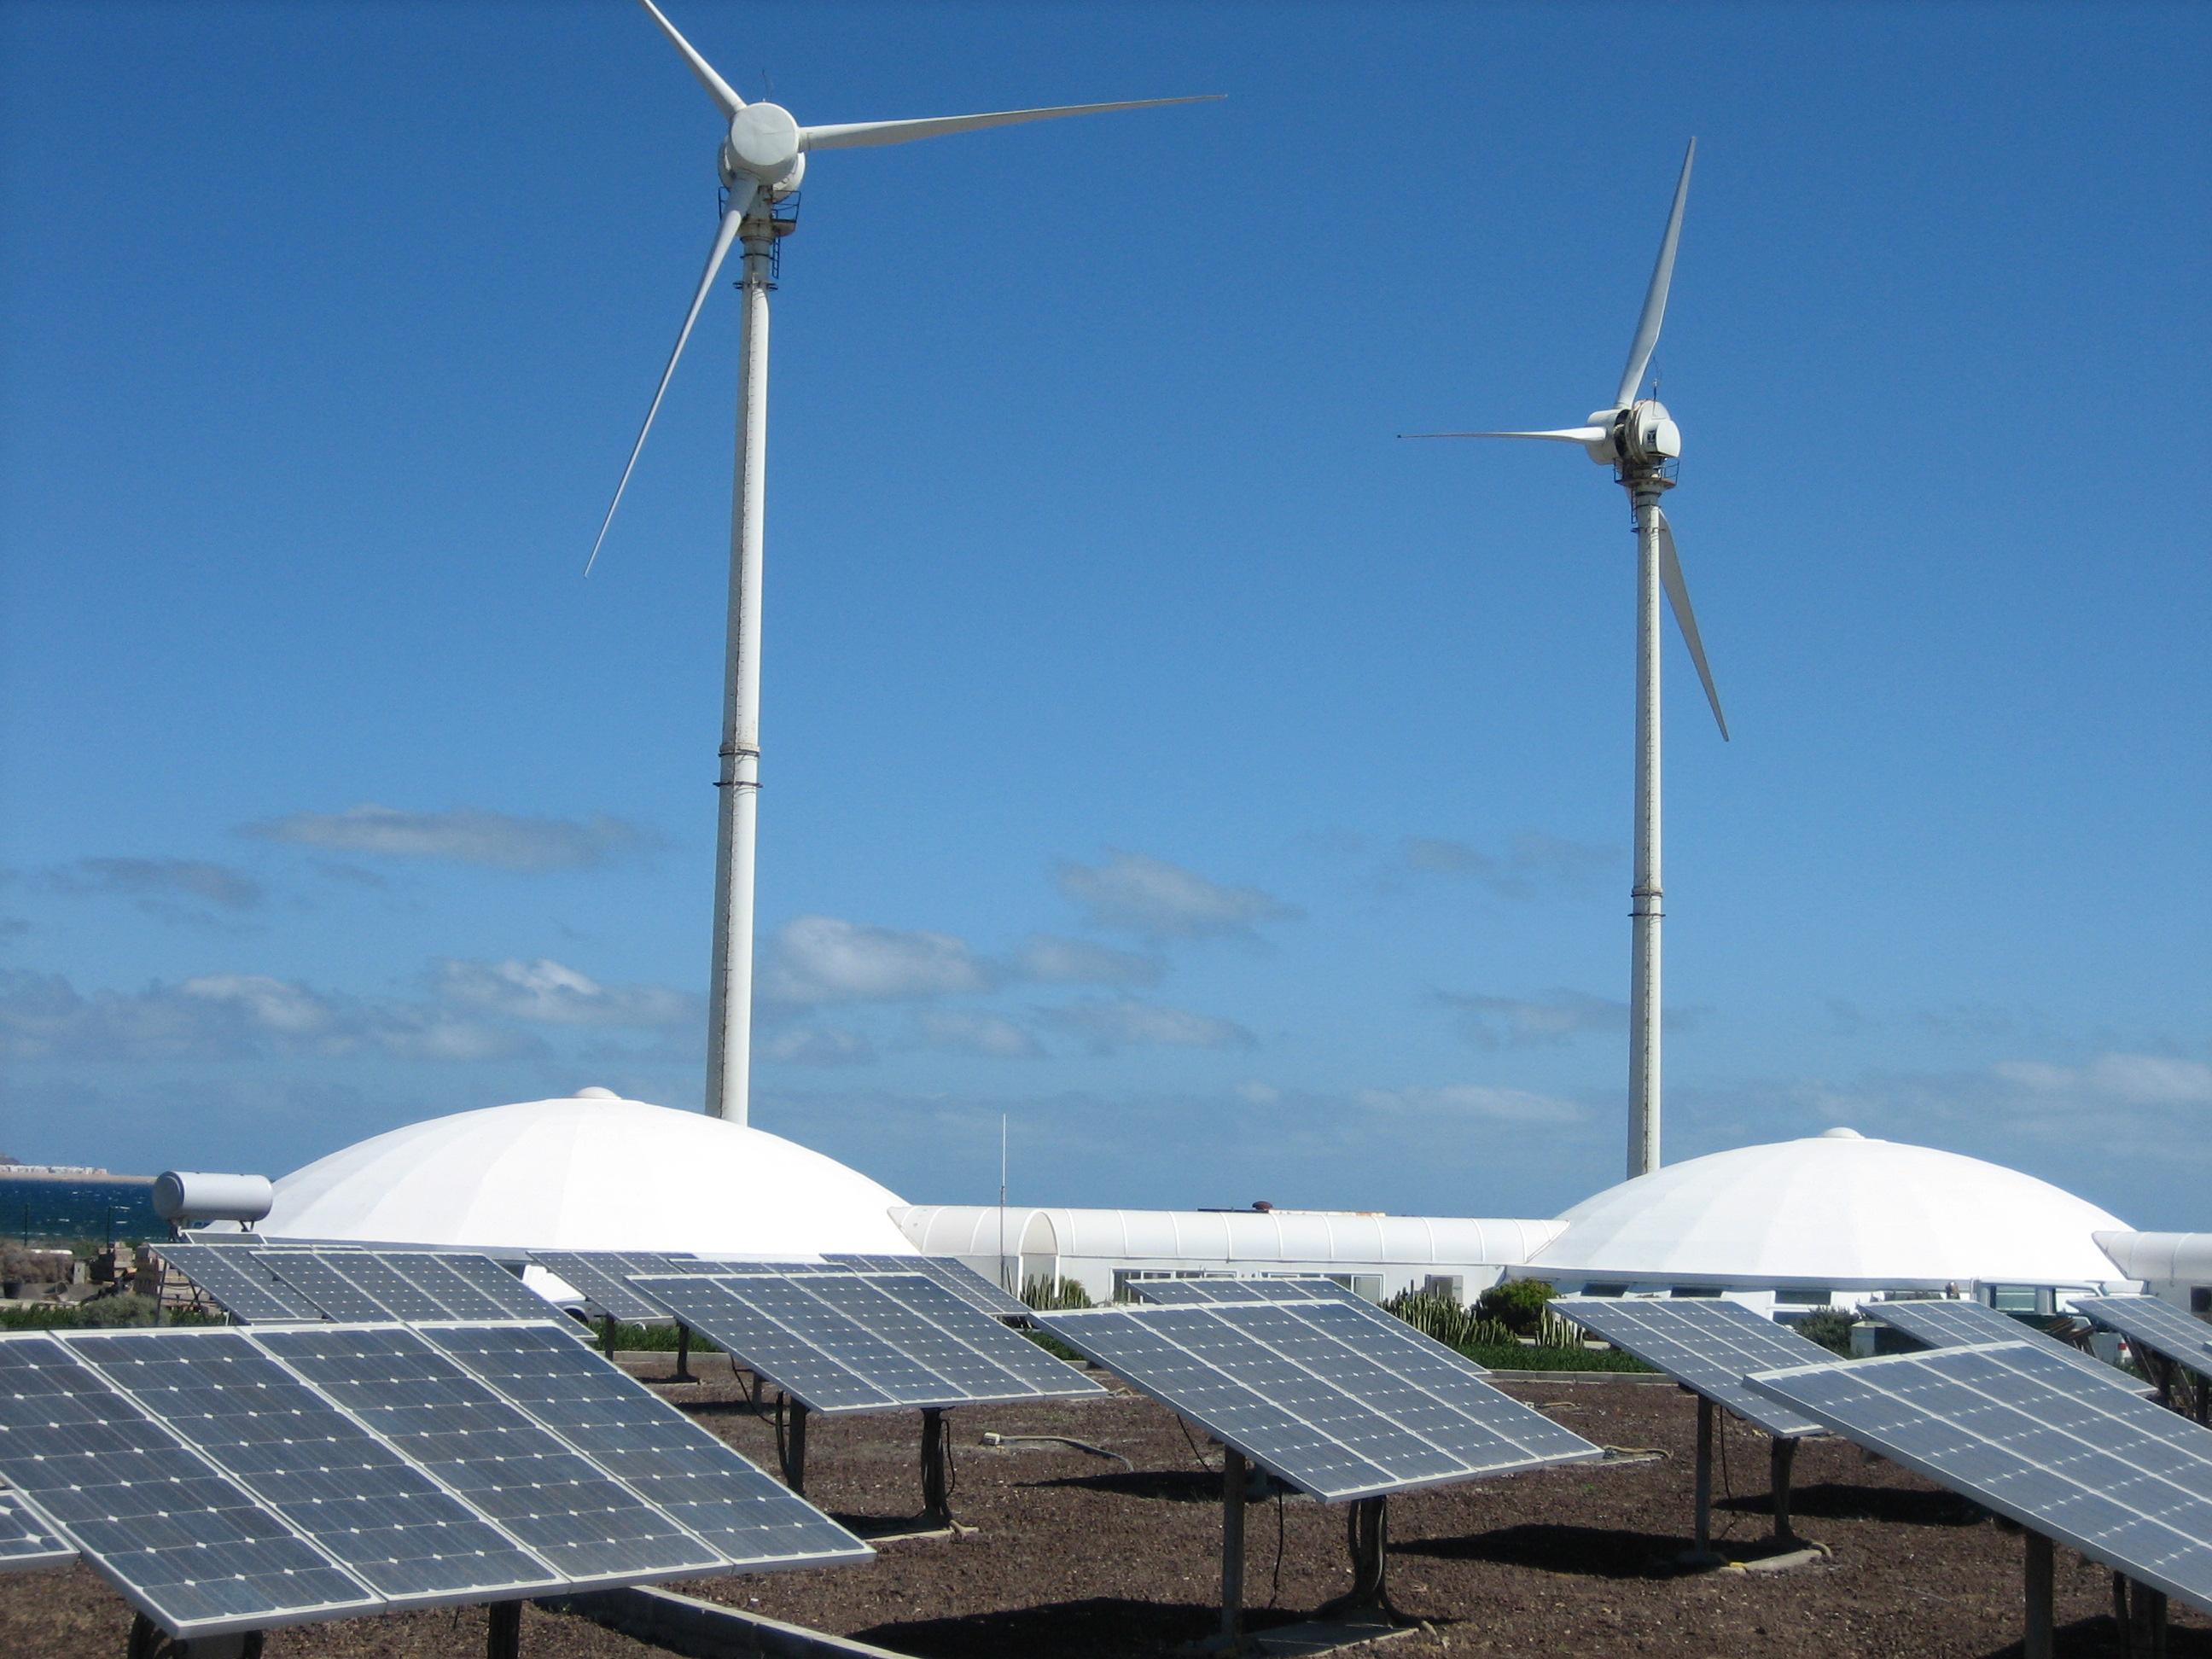 Energías renovables en Latinoamérica y el Caribe